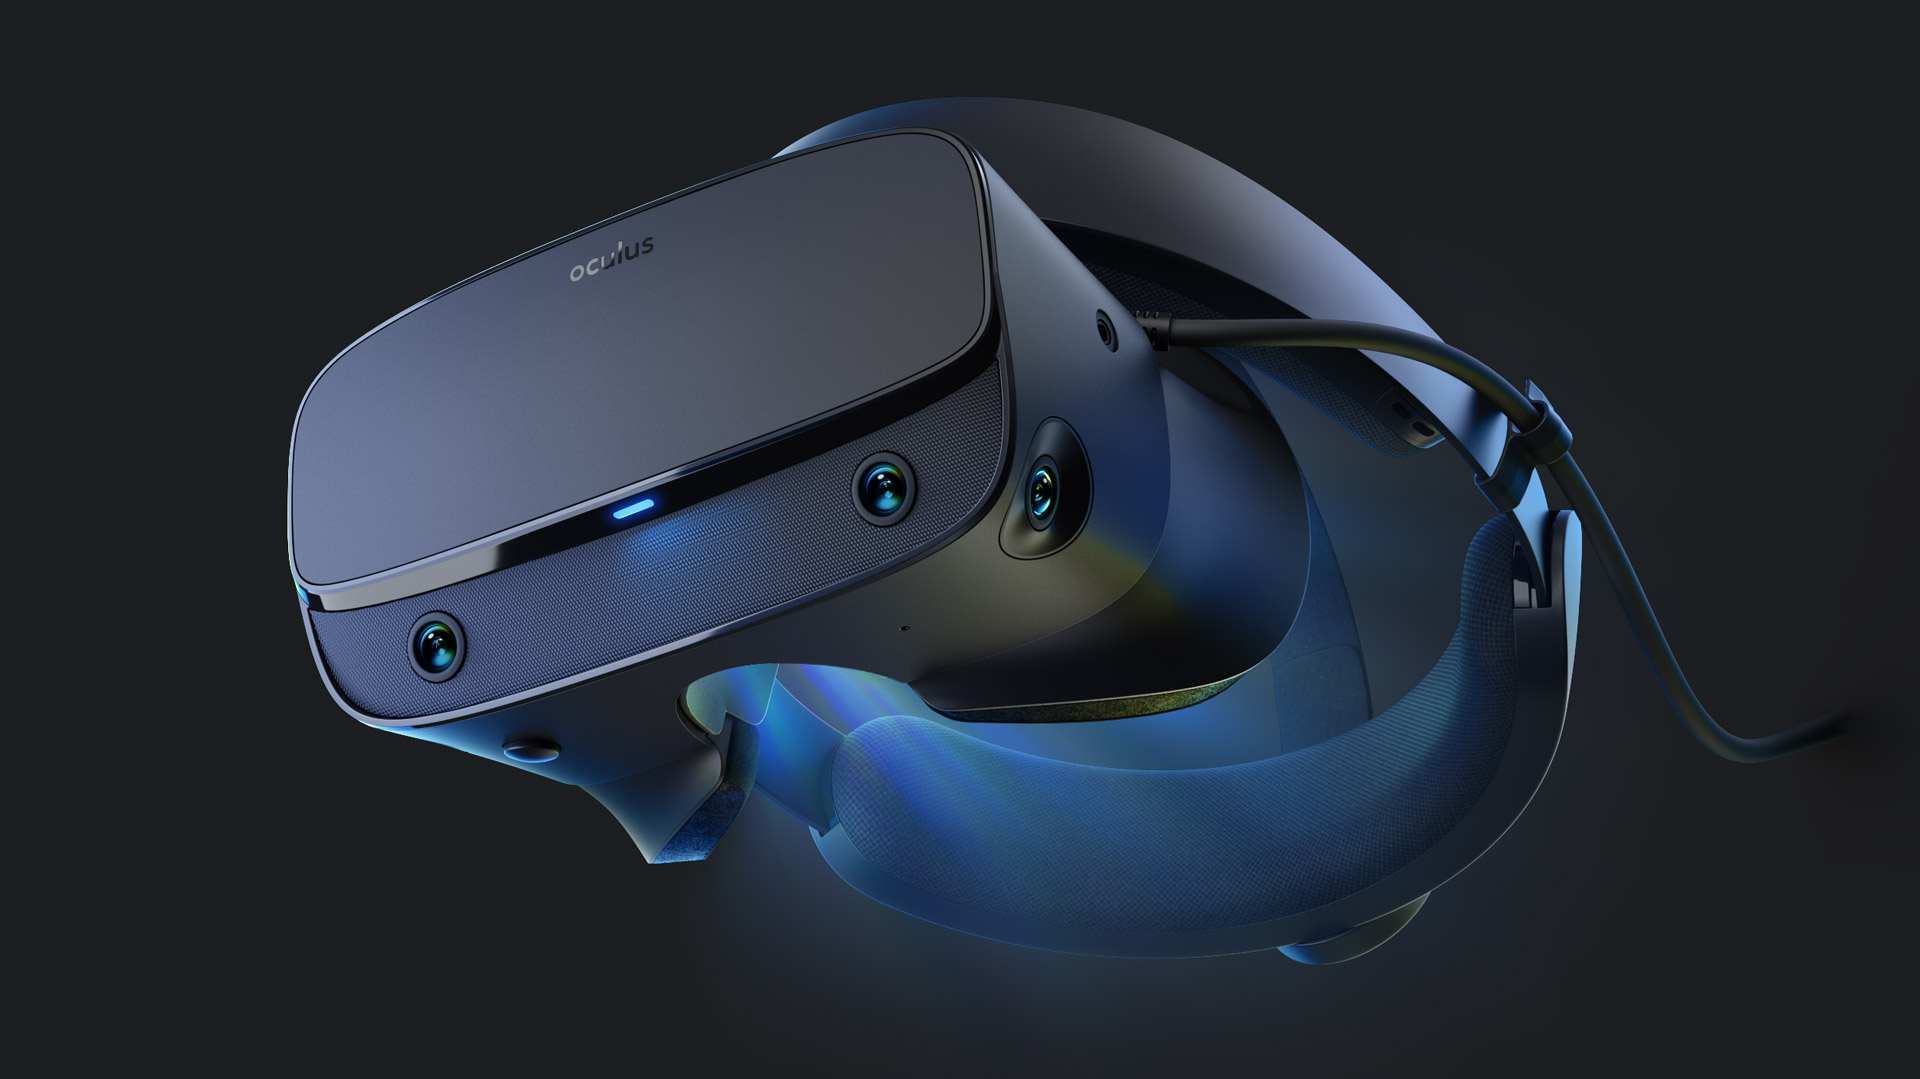 即将停产的Oculus Rift S 价格下调至300美元